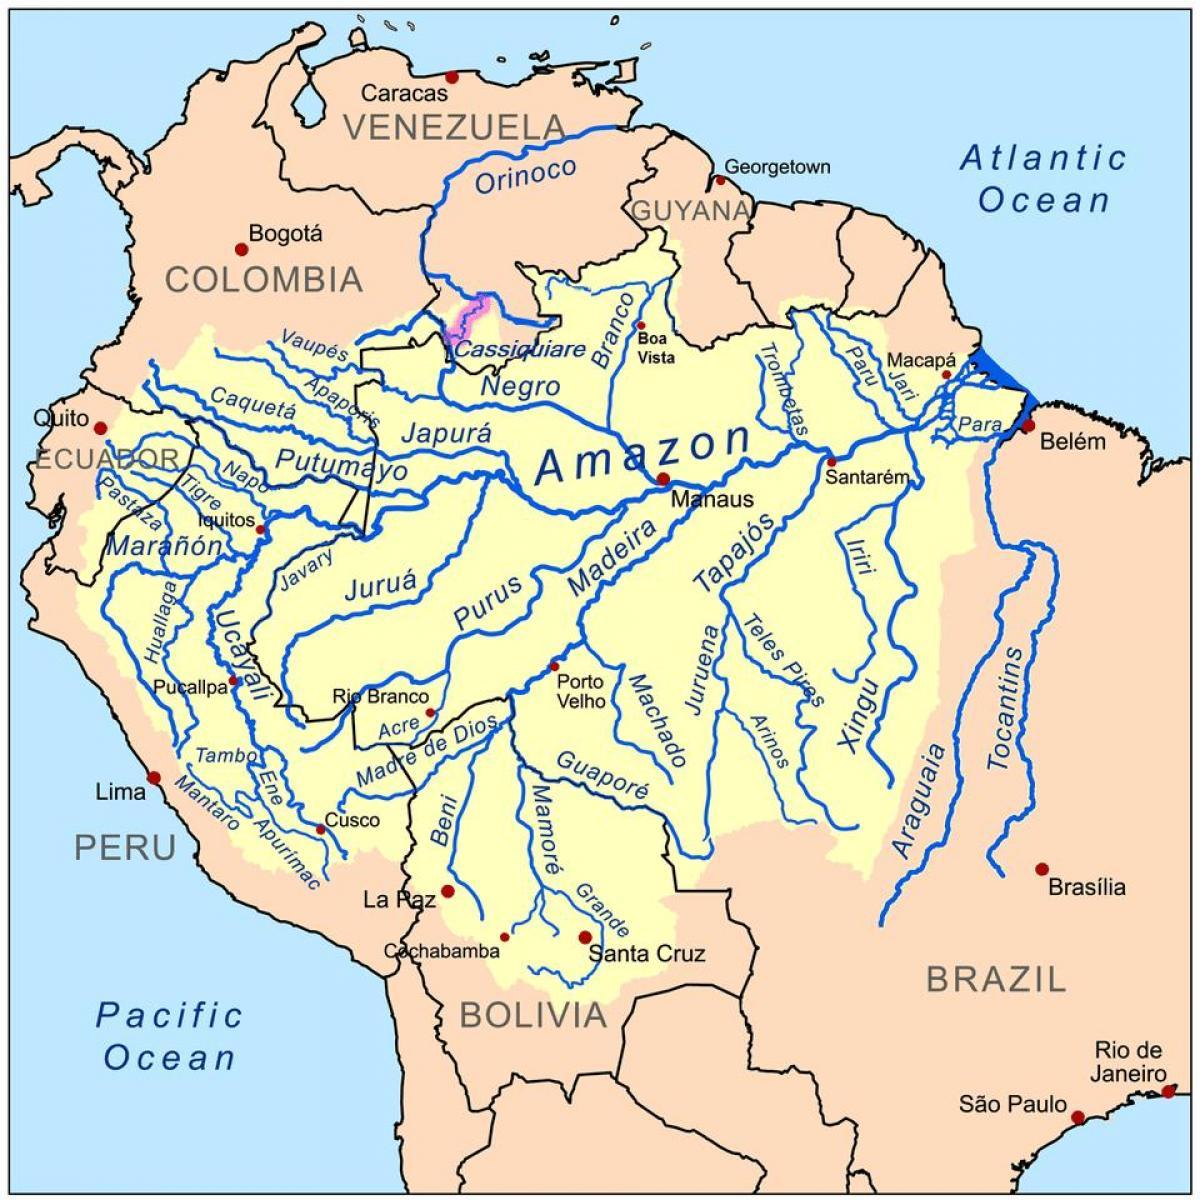 Peru river map - Rivers in Peru map (South America - Americas)